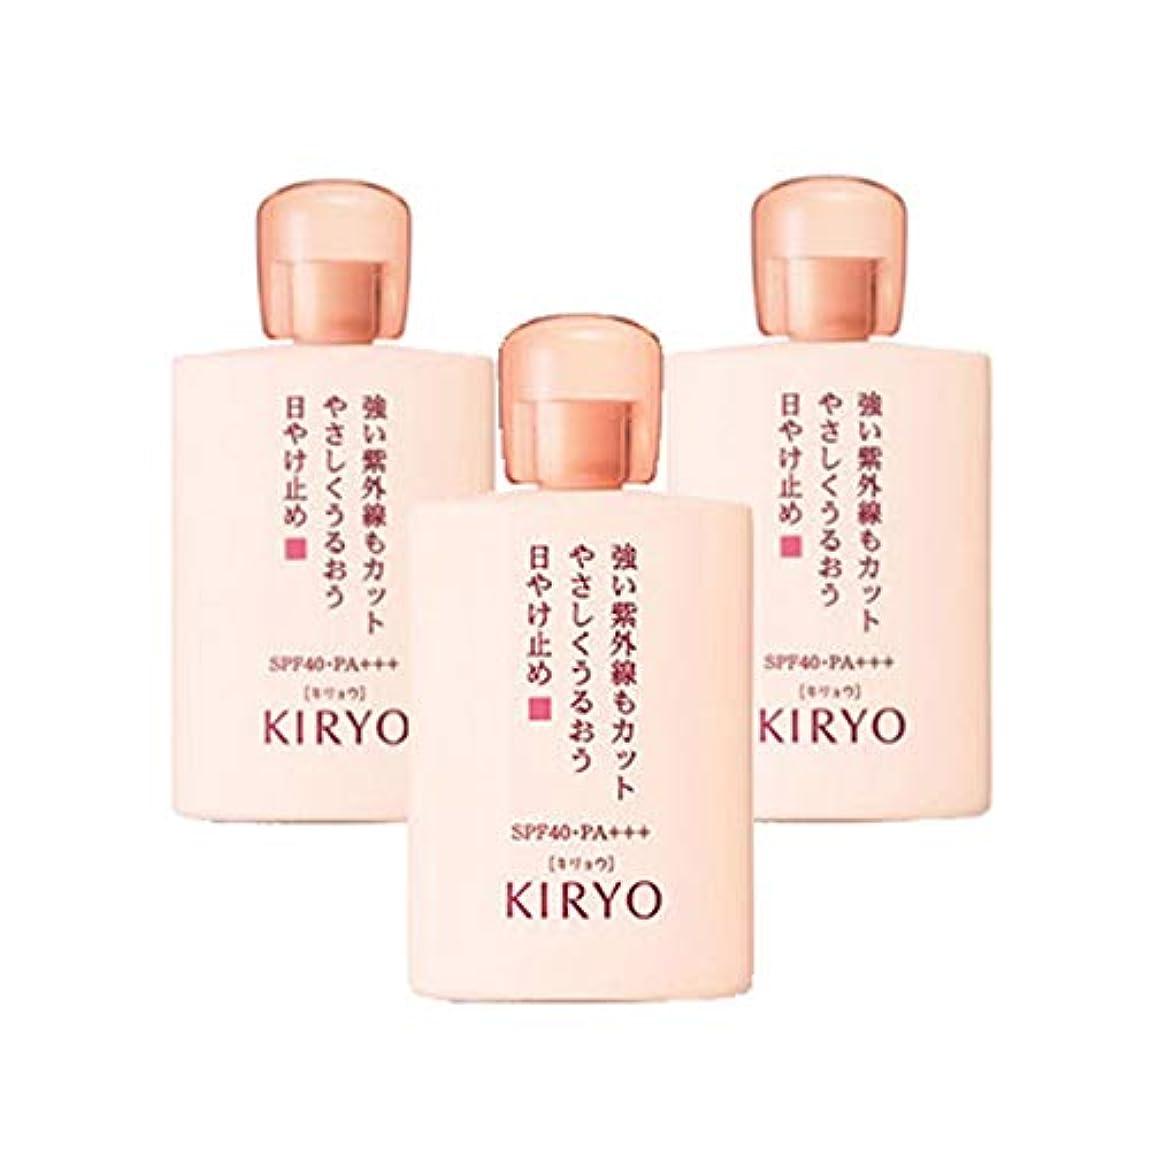 ウォルターカニンガム写真の便宜【資生堂】KIRYO キリョウ サンブロック UV SPF40 PA+++ 50mL× 3個セット【International shipping available】